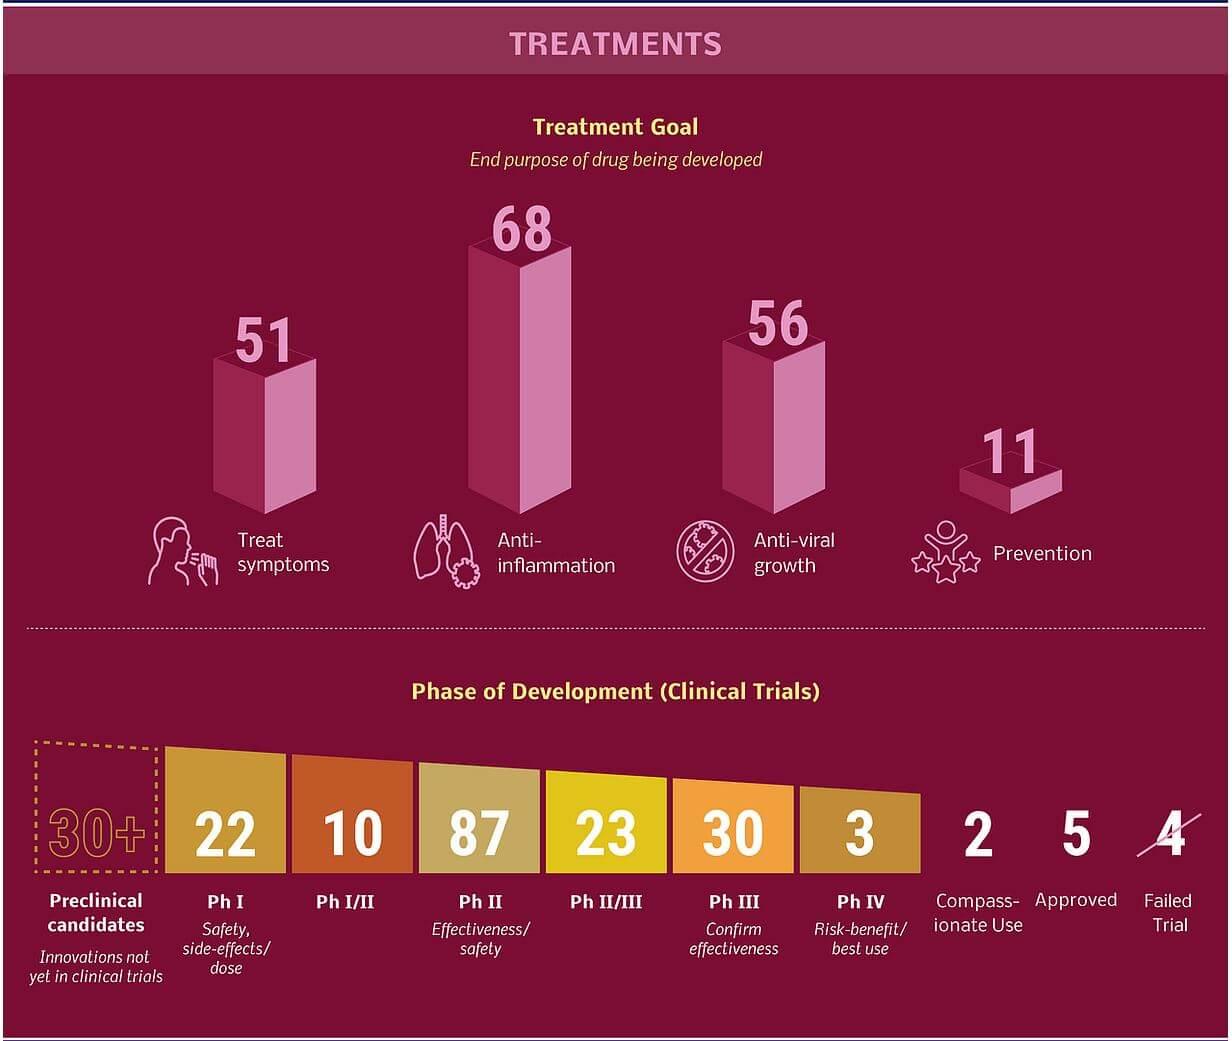 COVID-19 Treatments Updates 2021- Summary